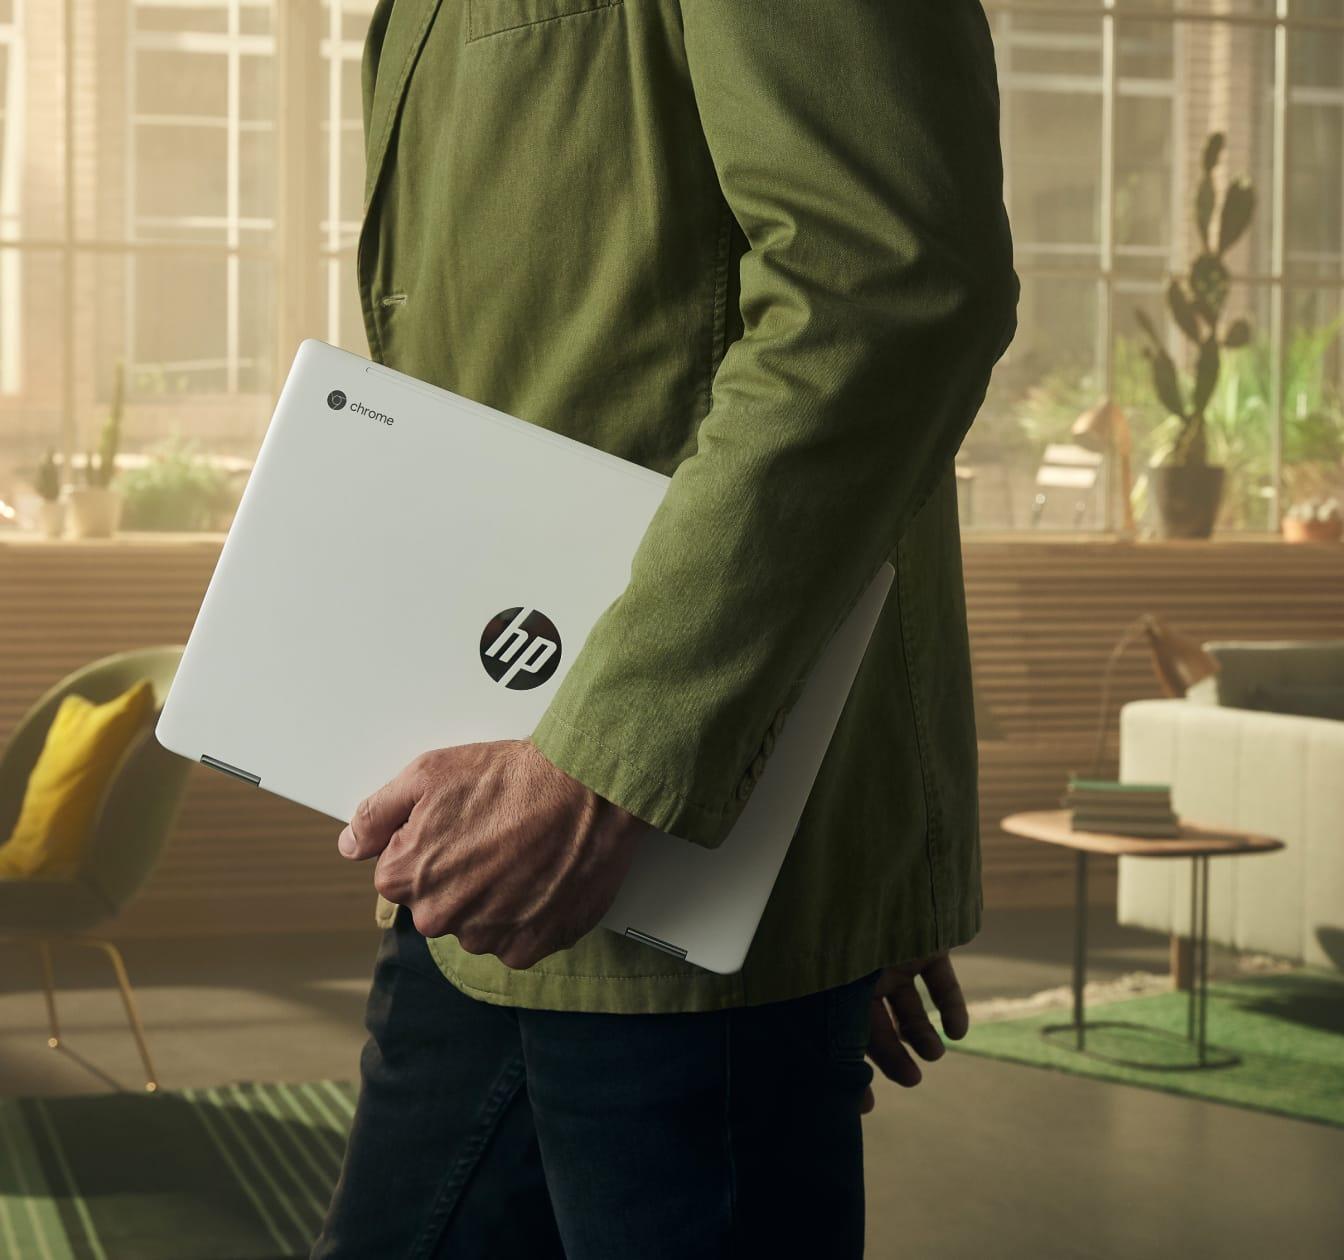 Changez pour Chromebook